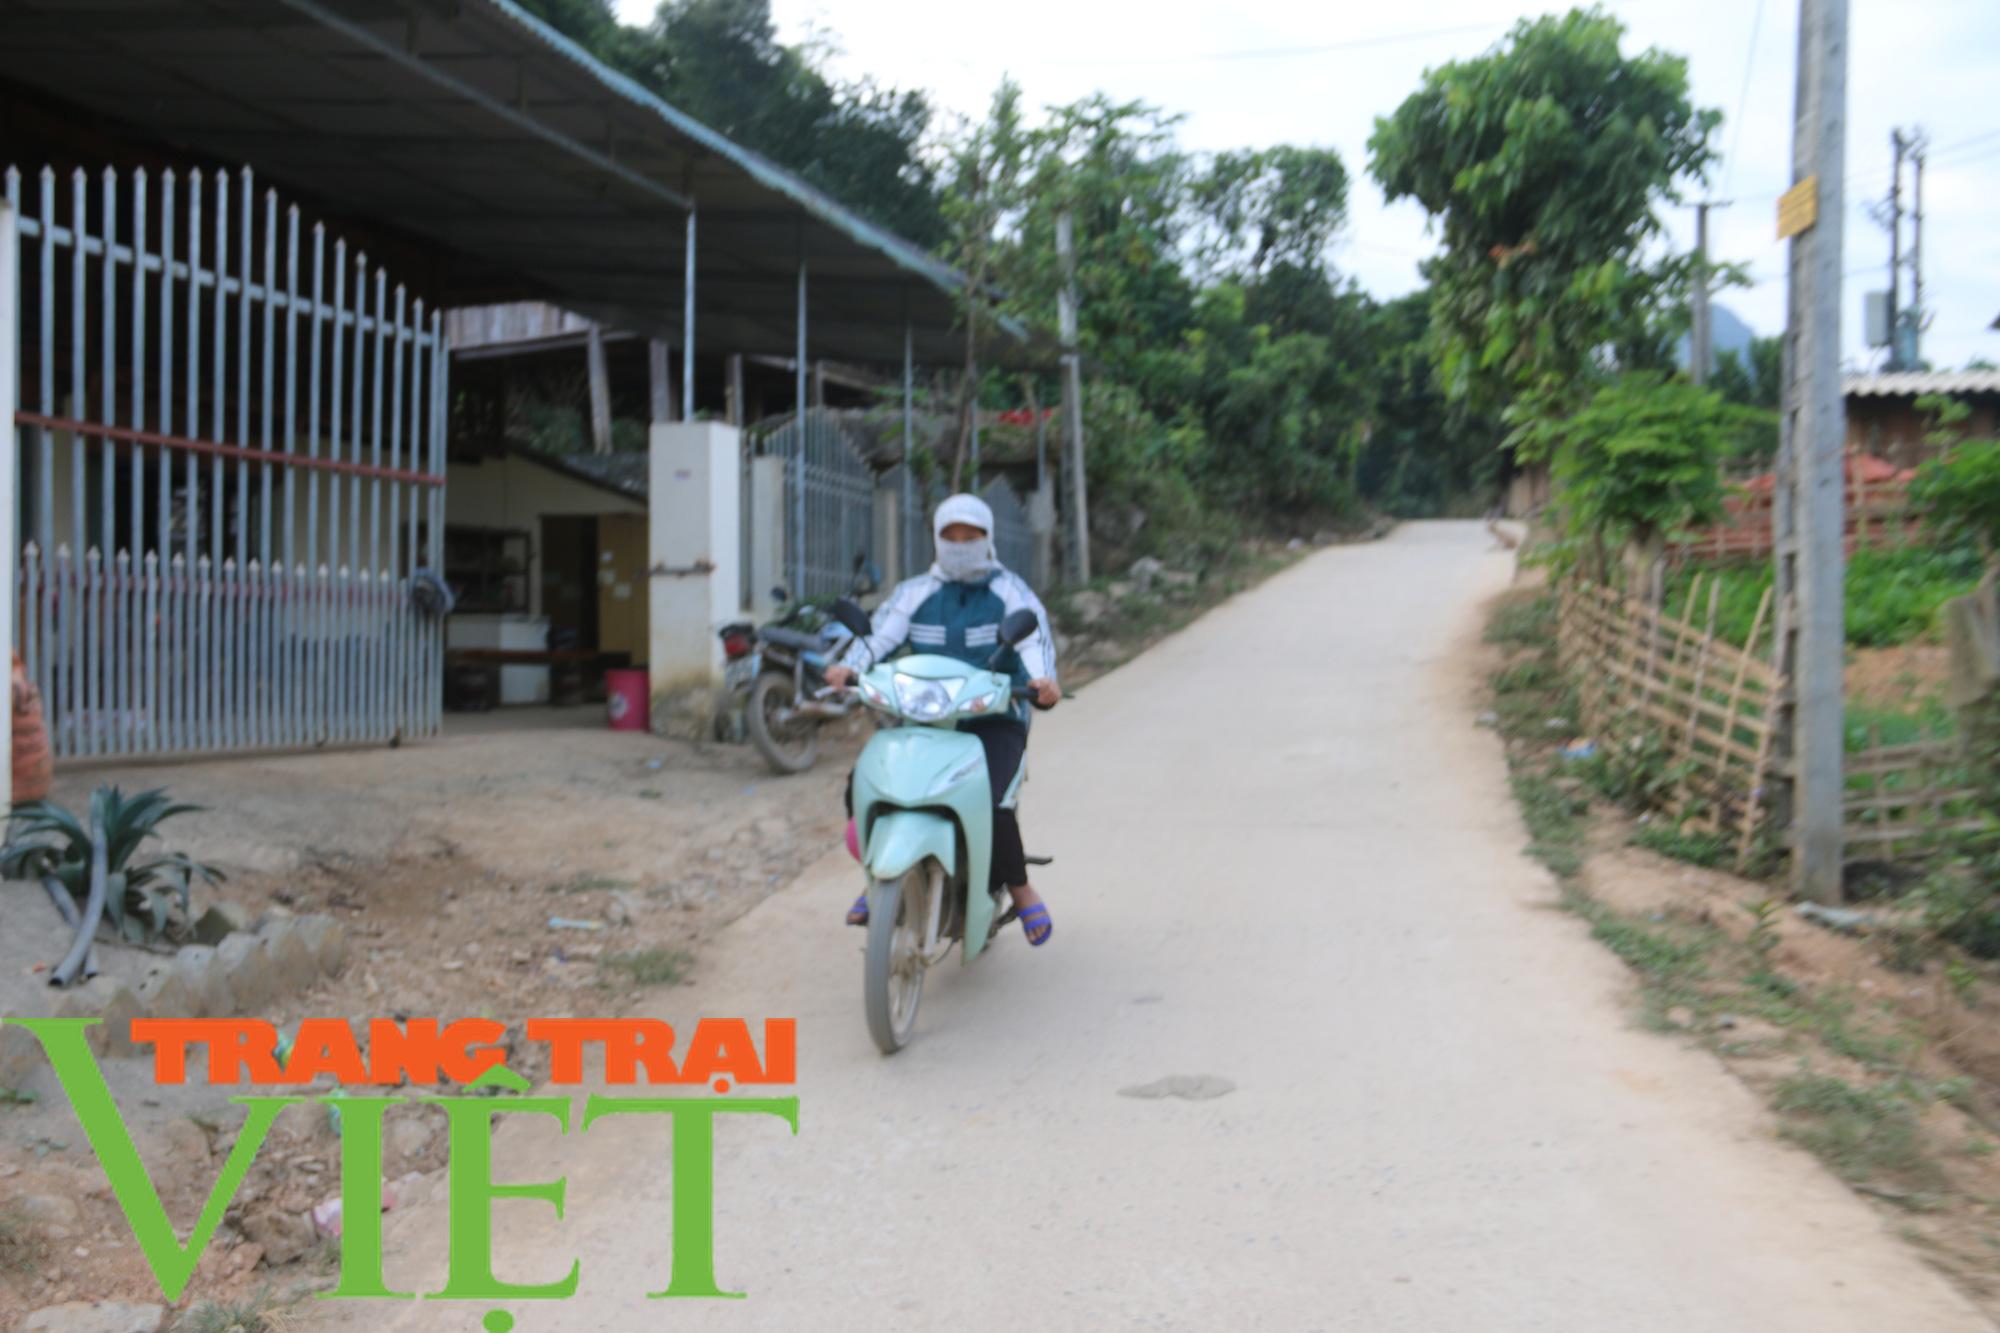 Quỳnh Nhai: Niềm vui trên những con đường nông thôn mới - Ảnh 2.